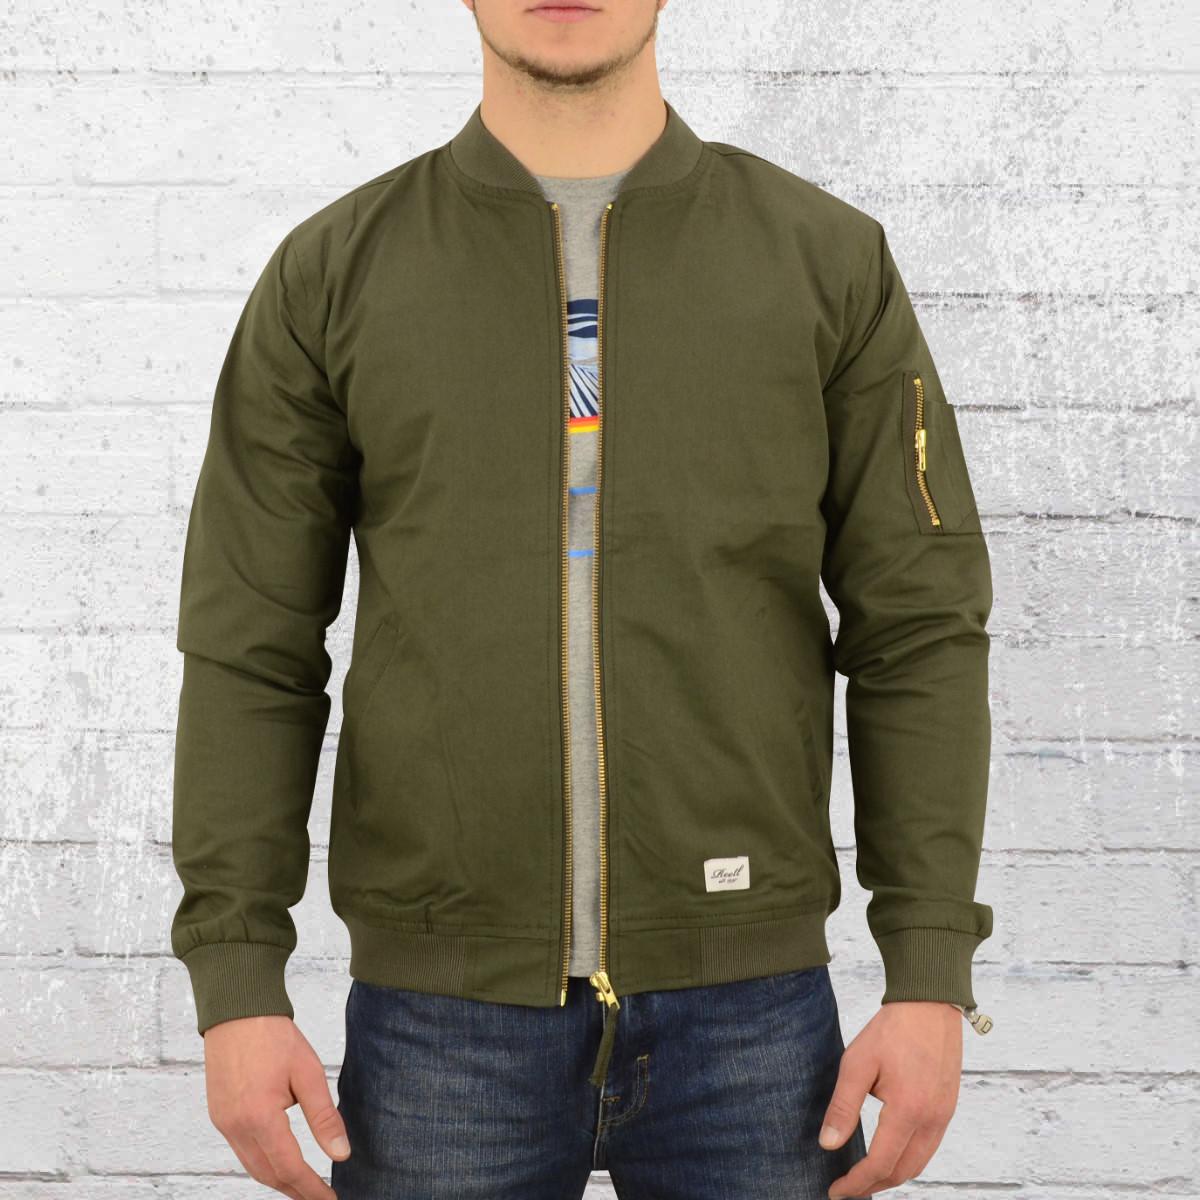 Reell Herren Bomber Jacke Flight Jacket oliv. ›‹ «